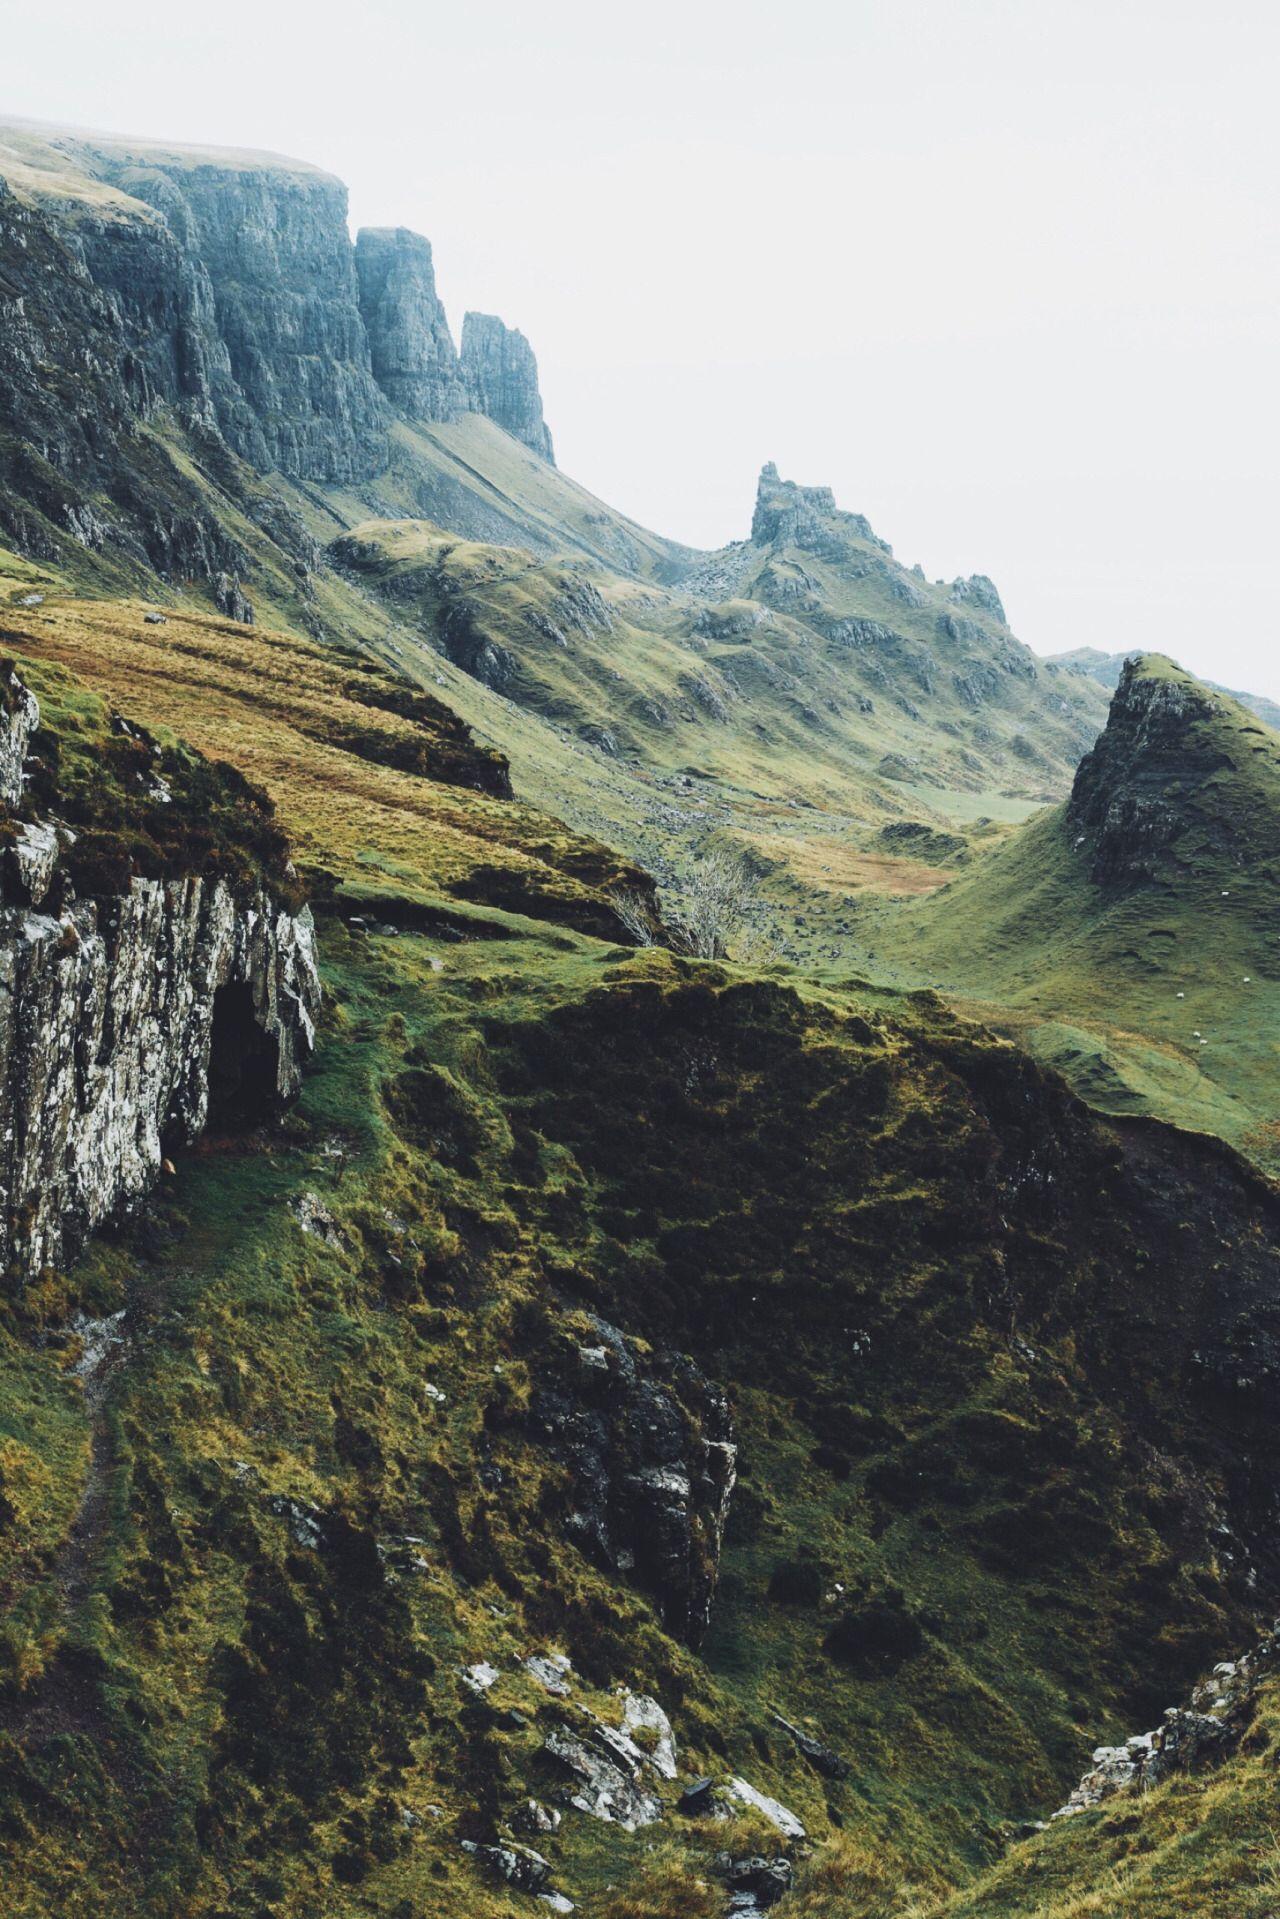 Bemooste Felshänge einer Bergkette #berglandschaft #berge #mountains #moneyspells